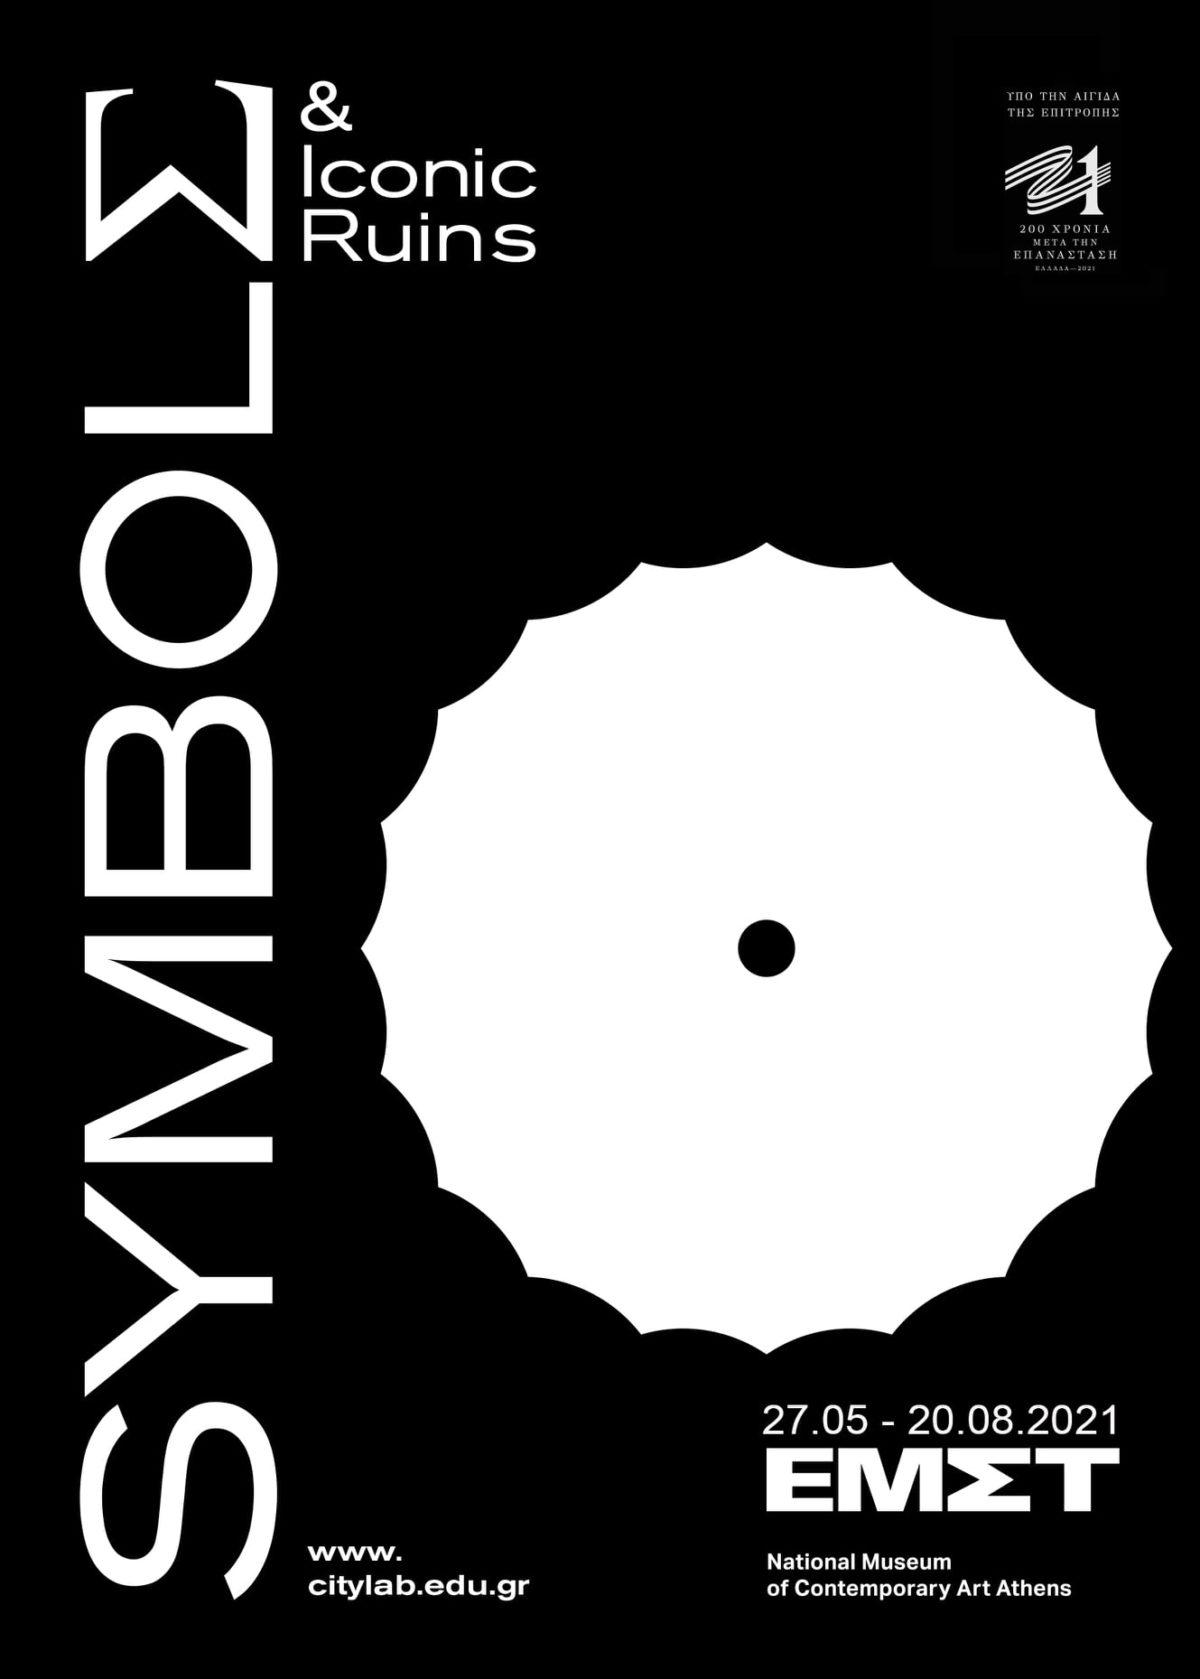 """Έκθεση με θέμα """"SYMBOLS & Iconic Ruins"""" στο Εθνικό Μουσείο Σύγχρονης Τέχνης (ΕΜΣΤ) στην Αθήνα"""